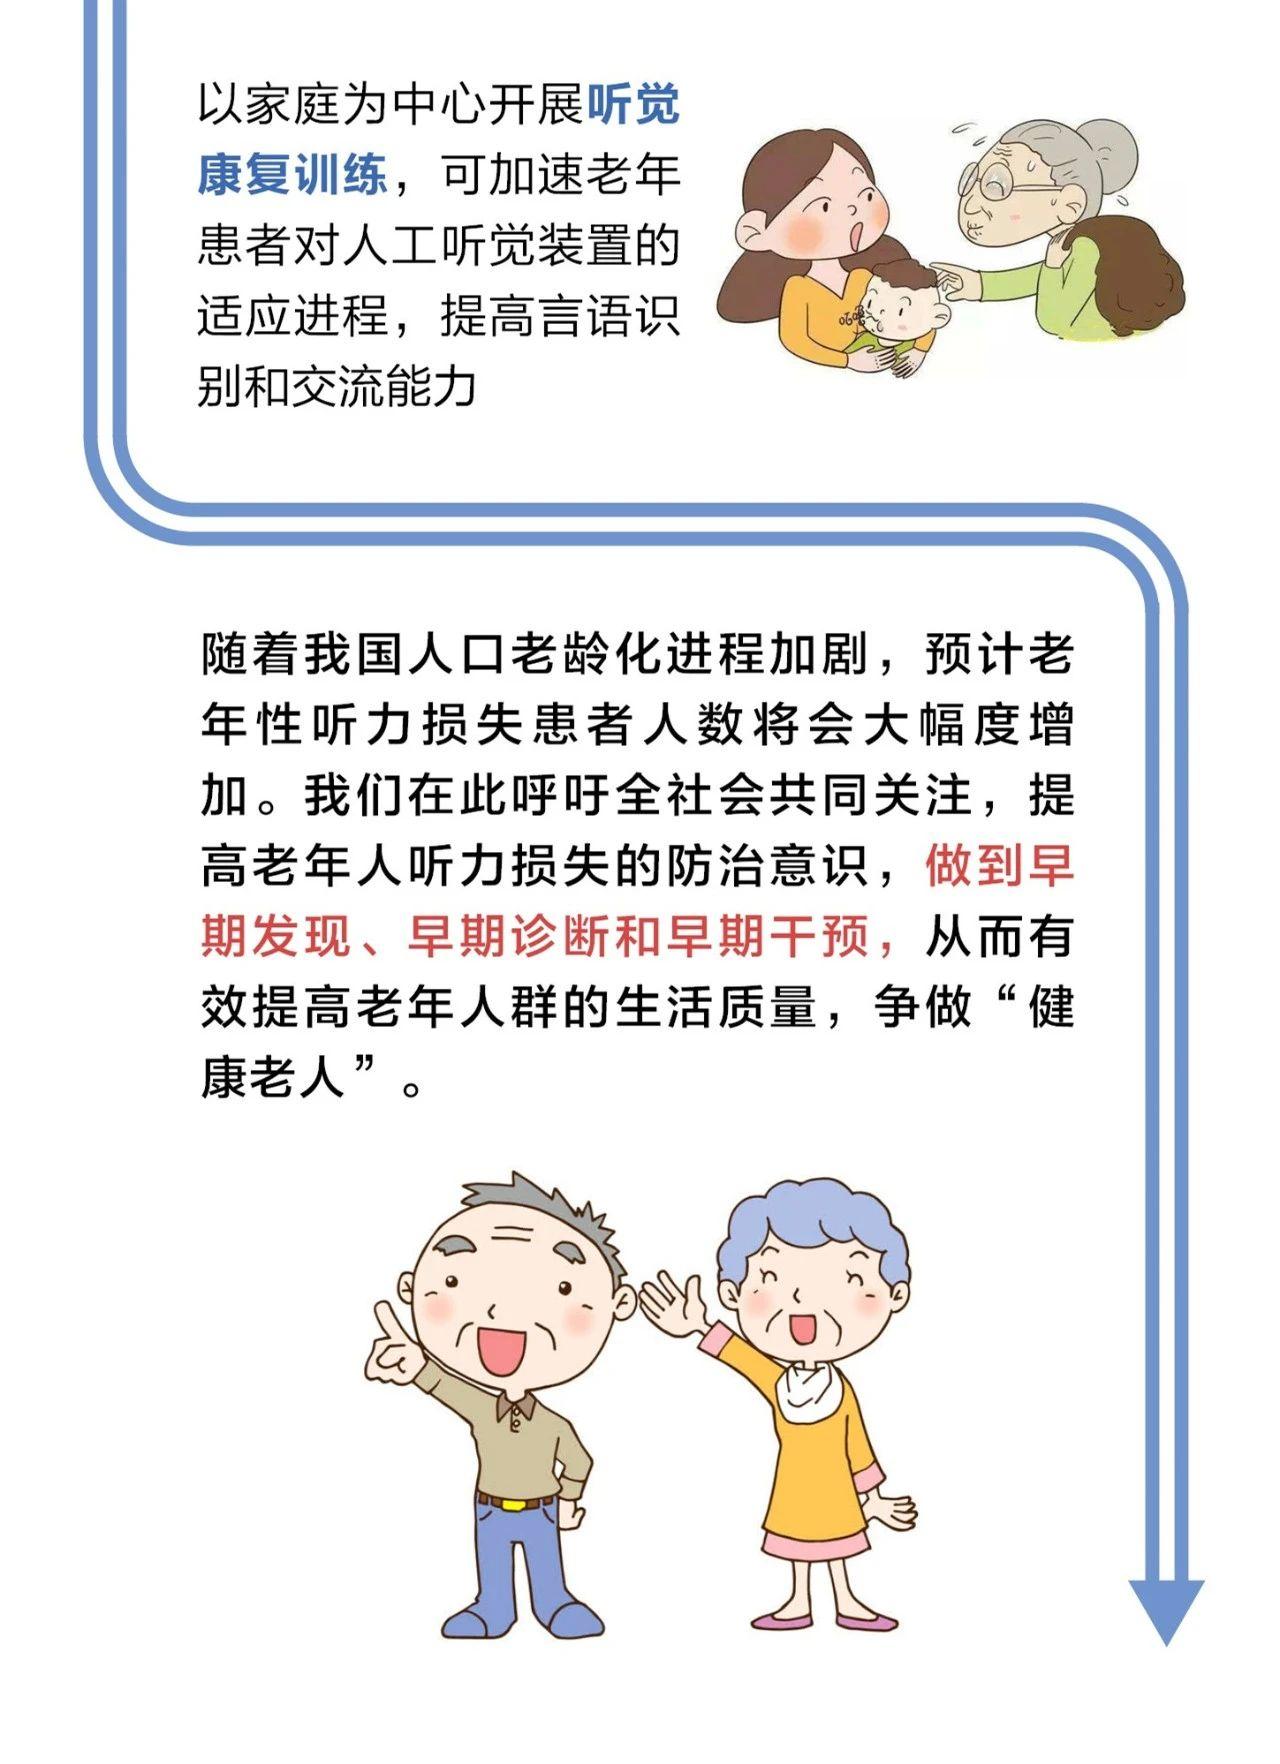 一图读懂,老年听力损失诊断与干预专家共识